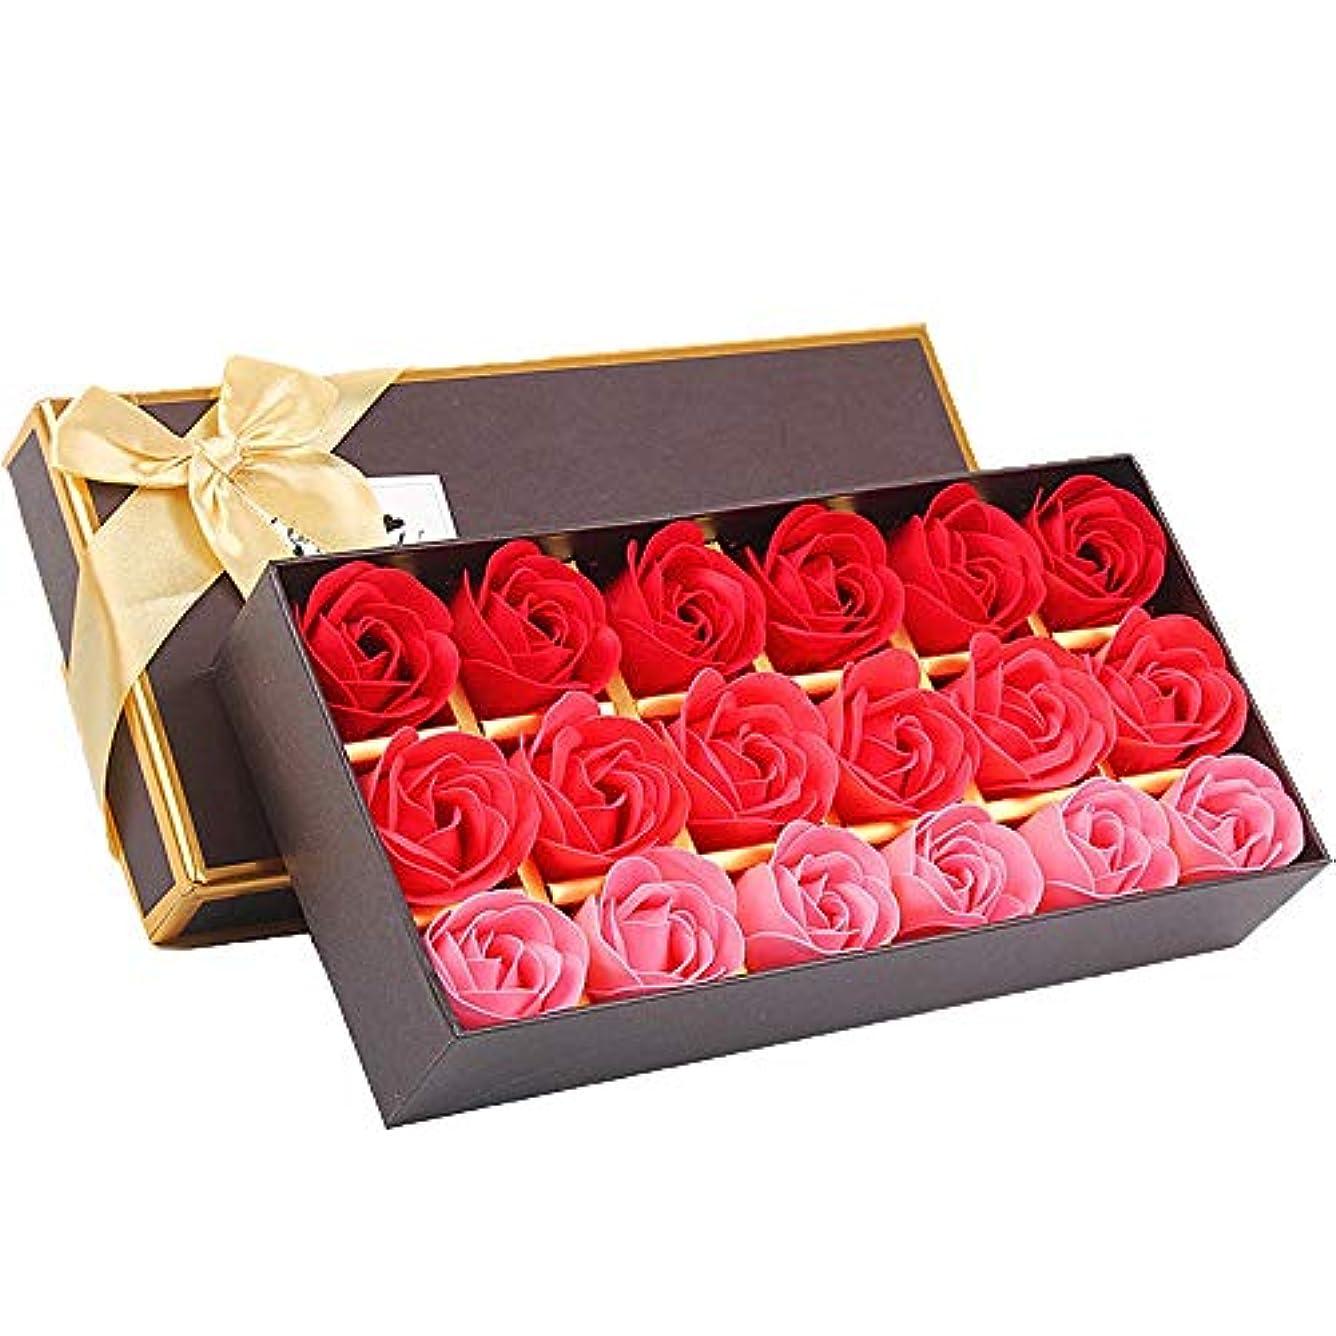 壮大なレガシー広範囲18個の手作りのローズの香りのバスソープの花びら香りのバスソープは、ギフトボックスの花びらをバラ (色 : 赤)